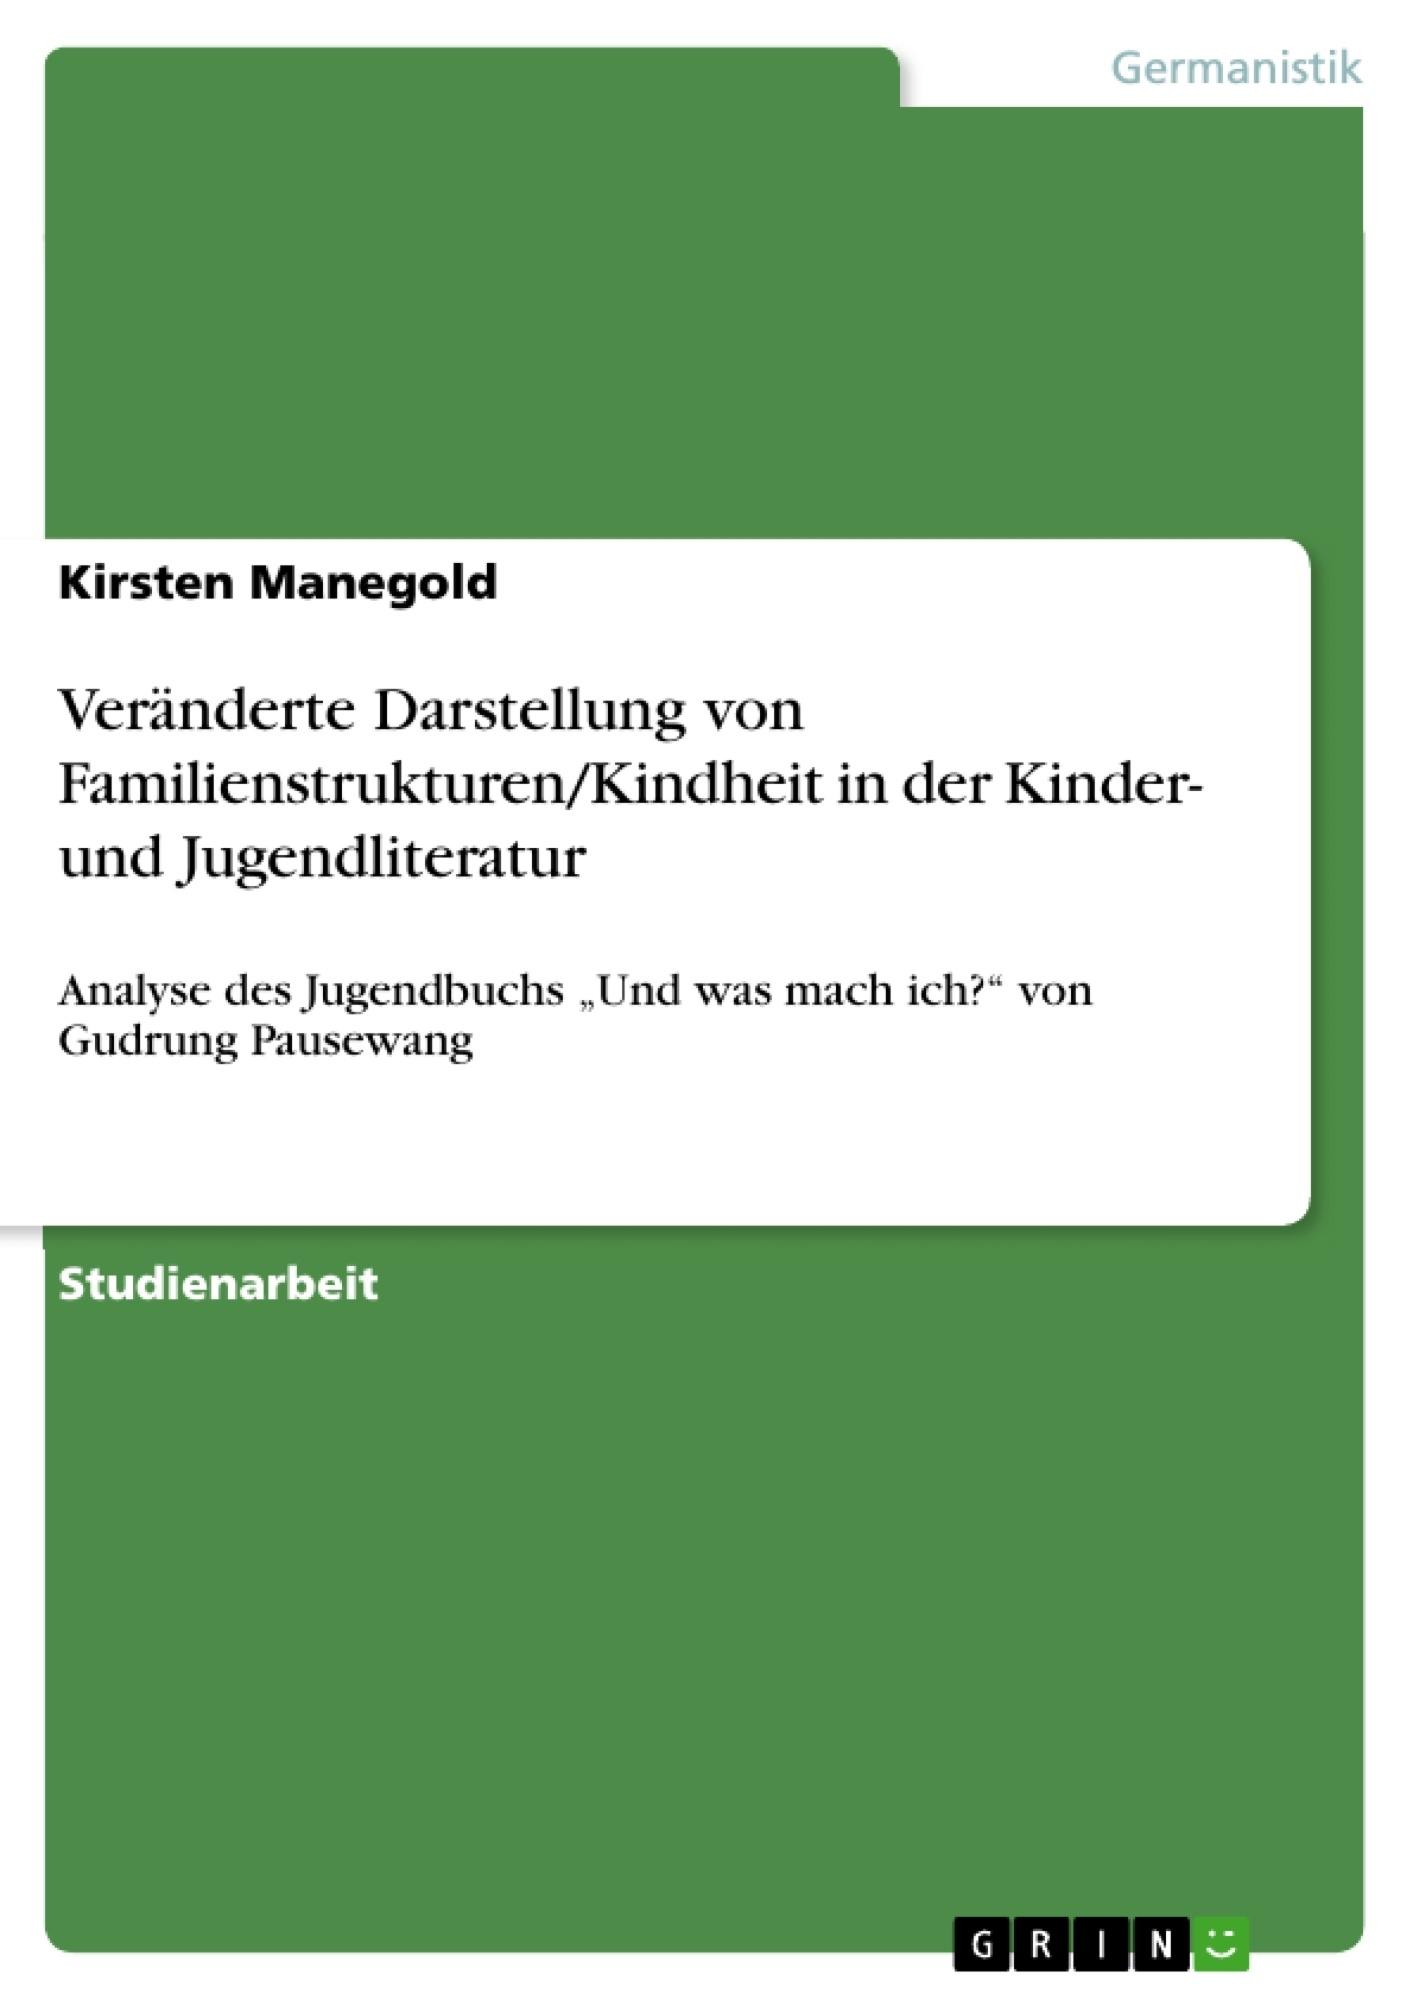 Titel: Veränderte Darstellung von Familienstrukturen/Kindheit in der Kinder- und Jugendliteratur